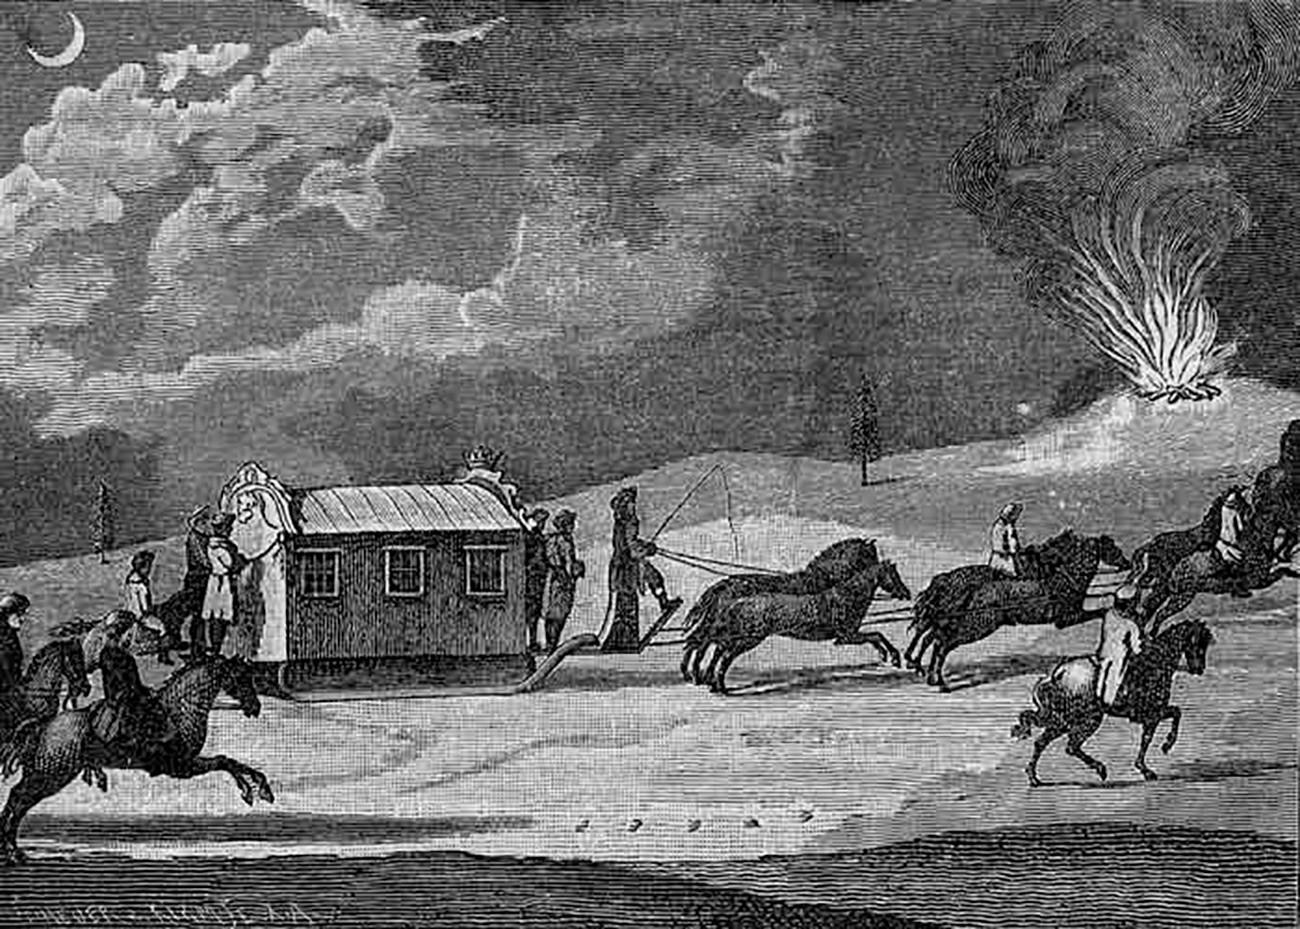 La carrozza imperiale di Caterina durante il suo viaggio in Crimea nel 1787